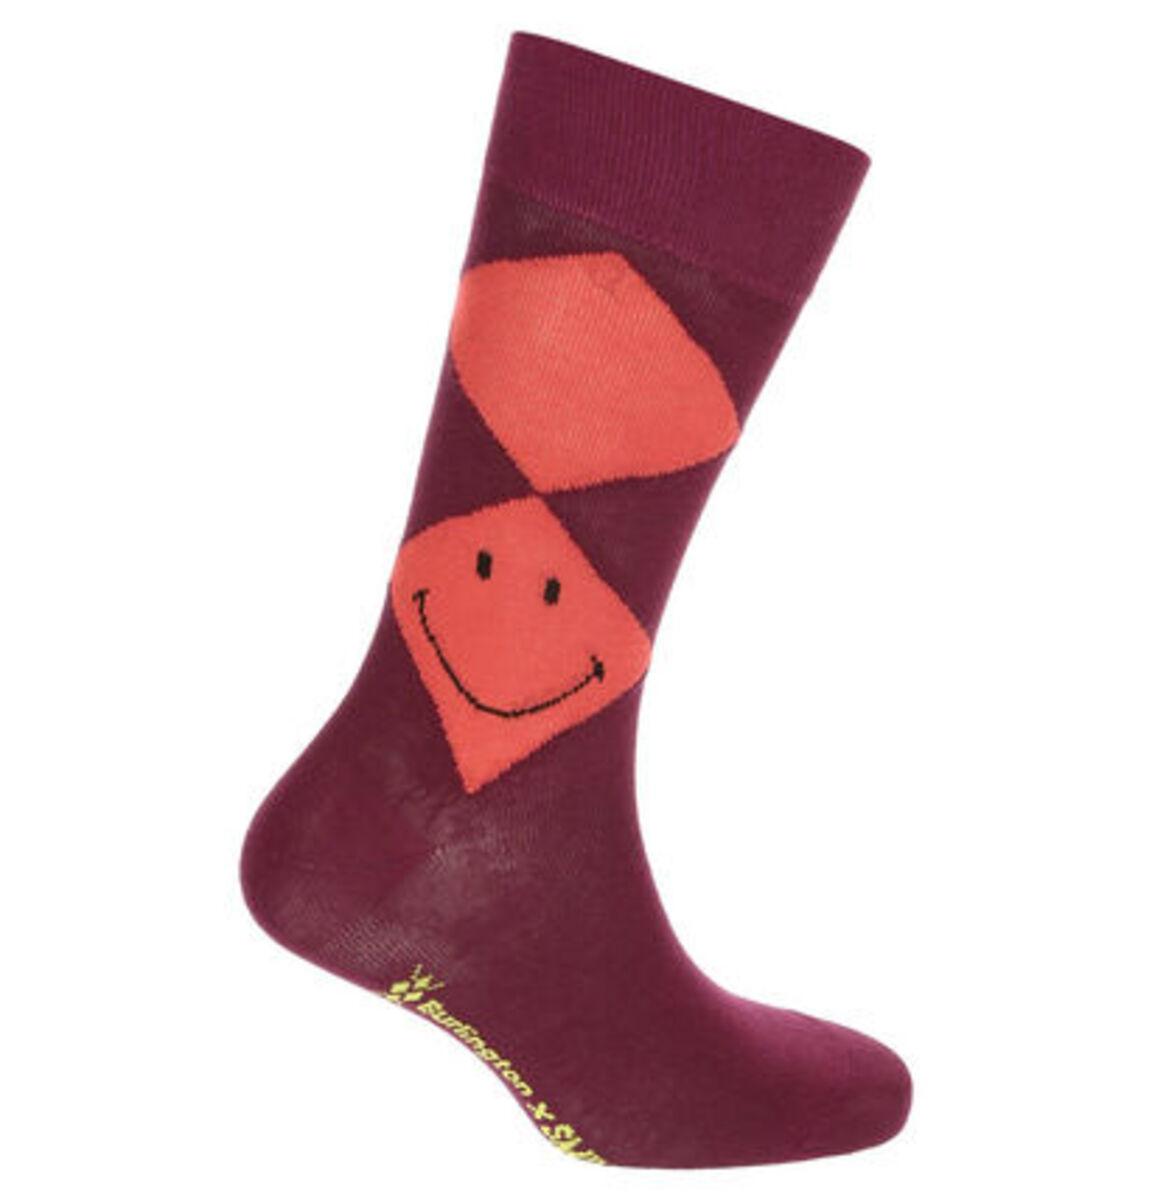 """Bild 2 von Burlington Socken """"Smiley Argyle"""", Rippbündchen"""